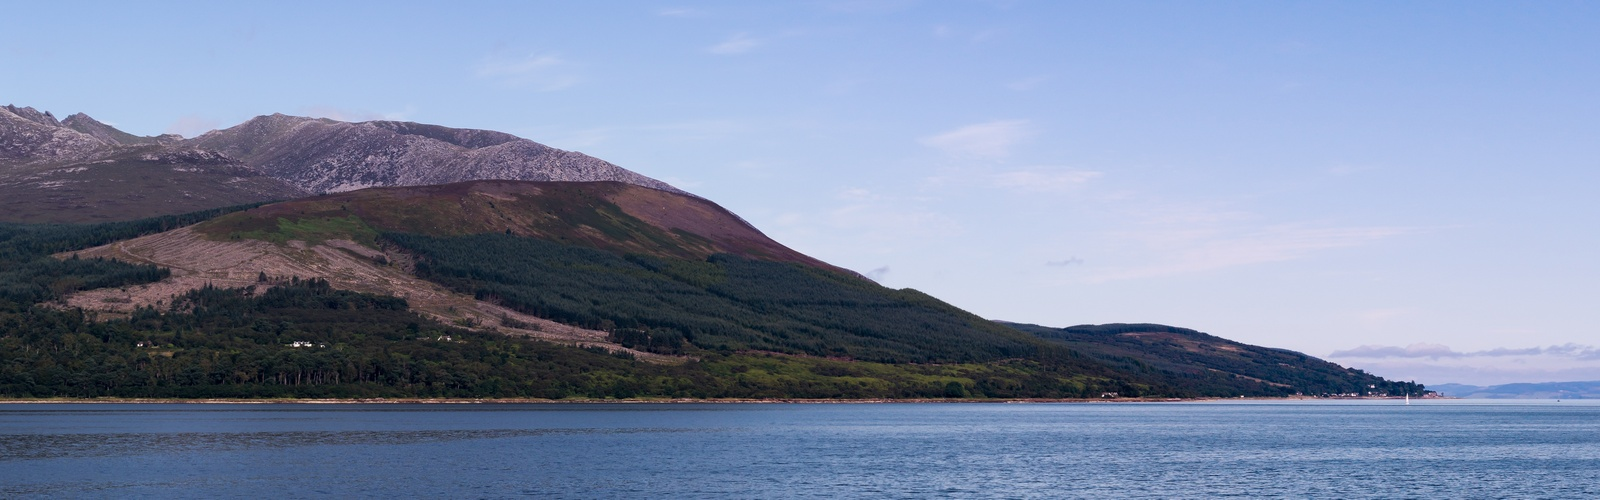 Isle of Arran